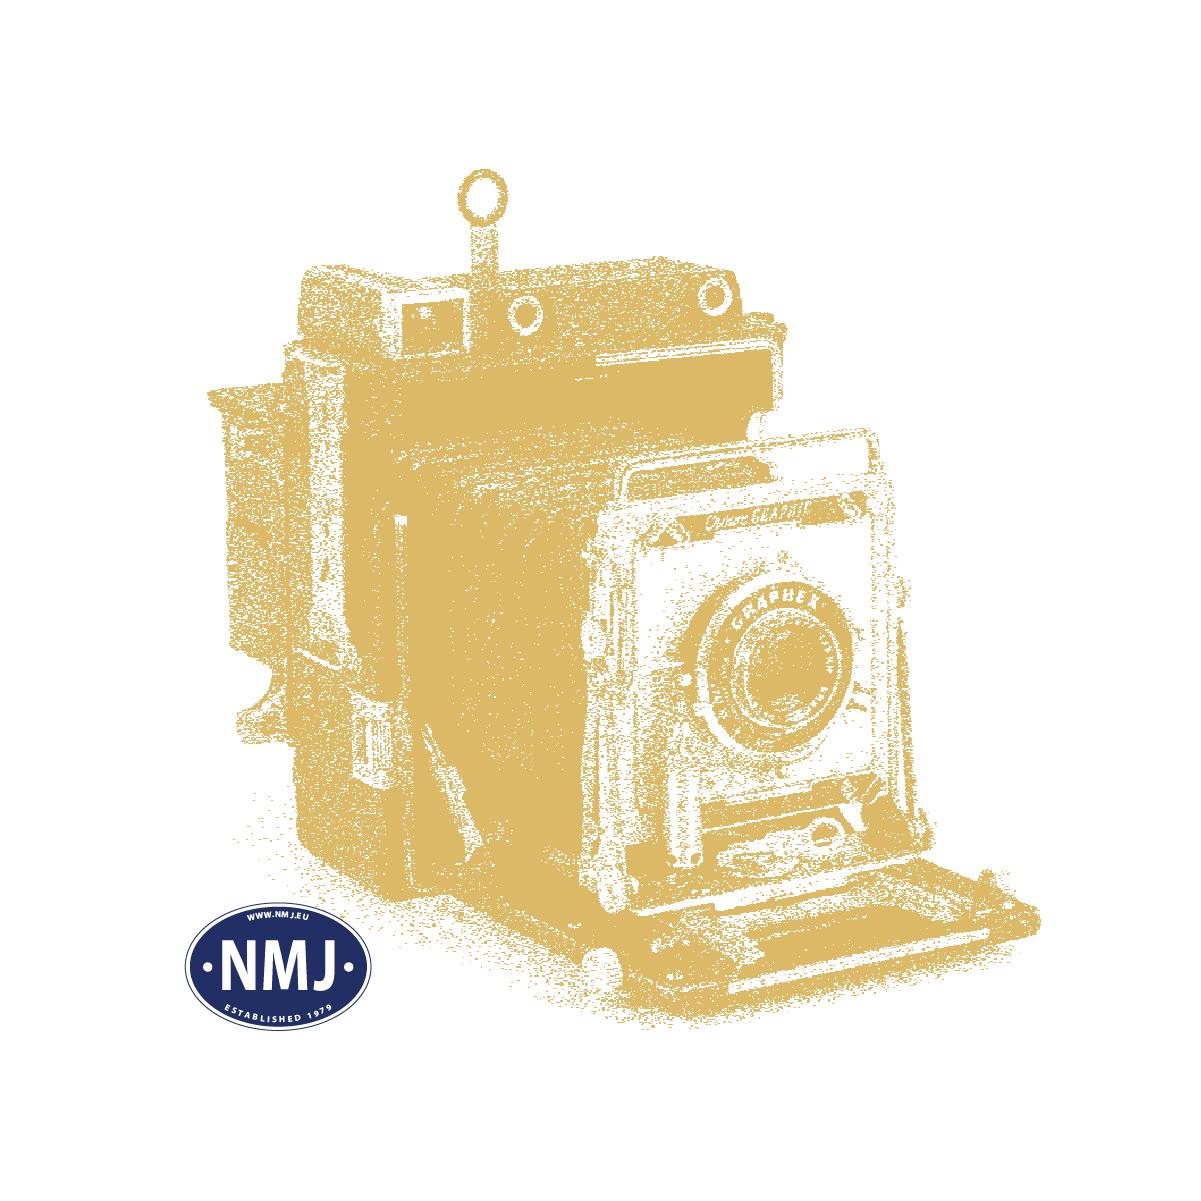 MWB-P401 - Gresstuster, Vår, 4,5 mm, 21 x 15 Cm